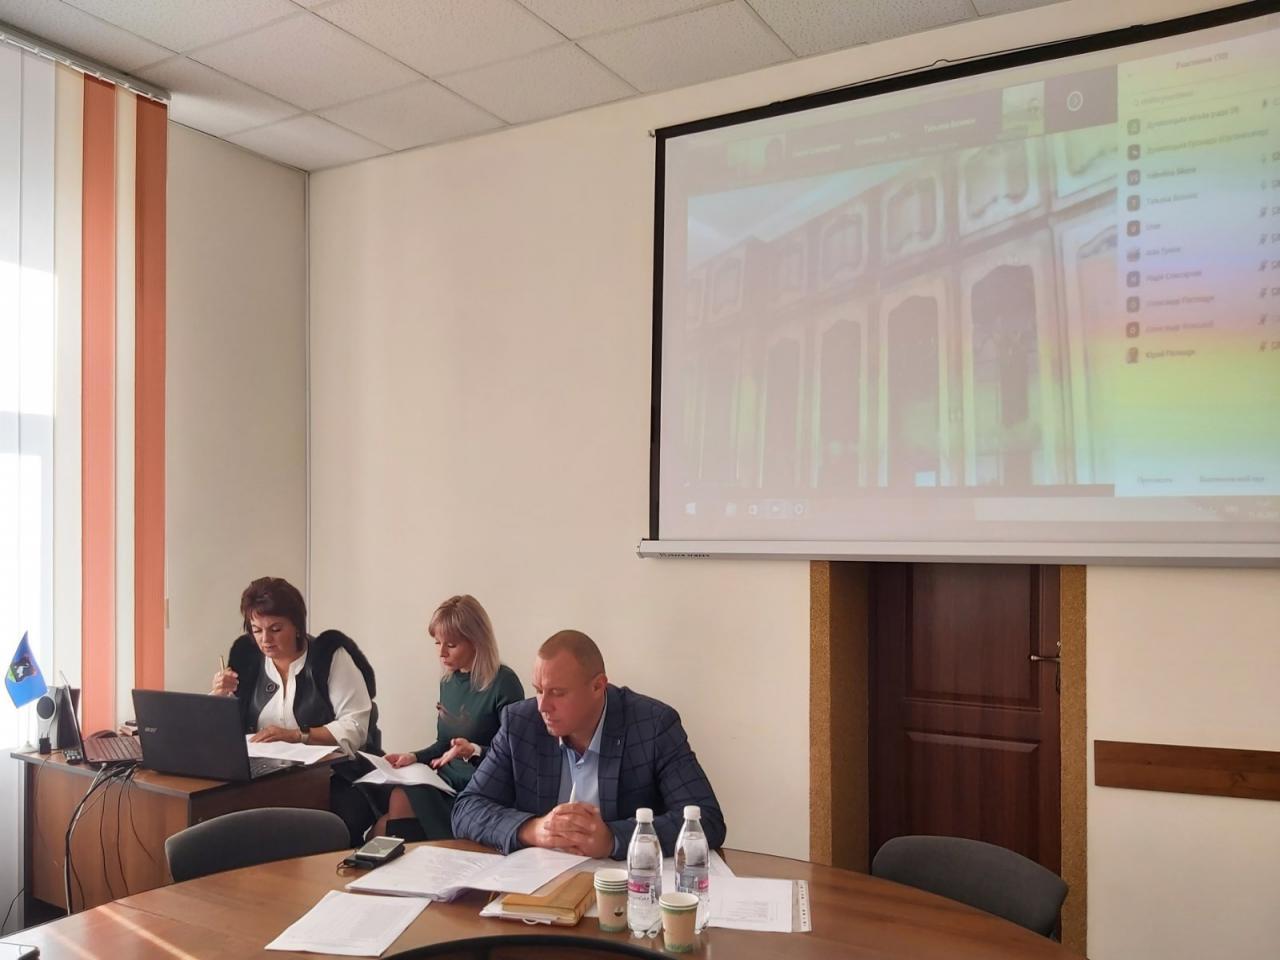 http://dunrada.gov.ua/uploadfile/archive_news/2021/10/11/2021-10-11_4663/images/images-9493.jpg